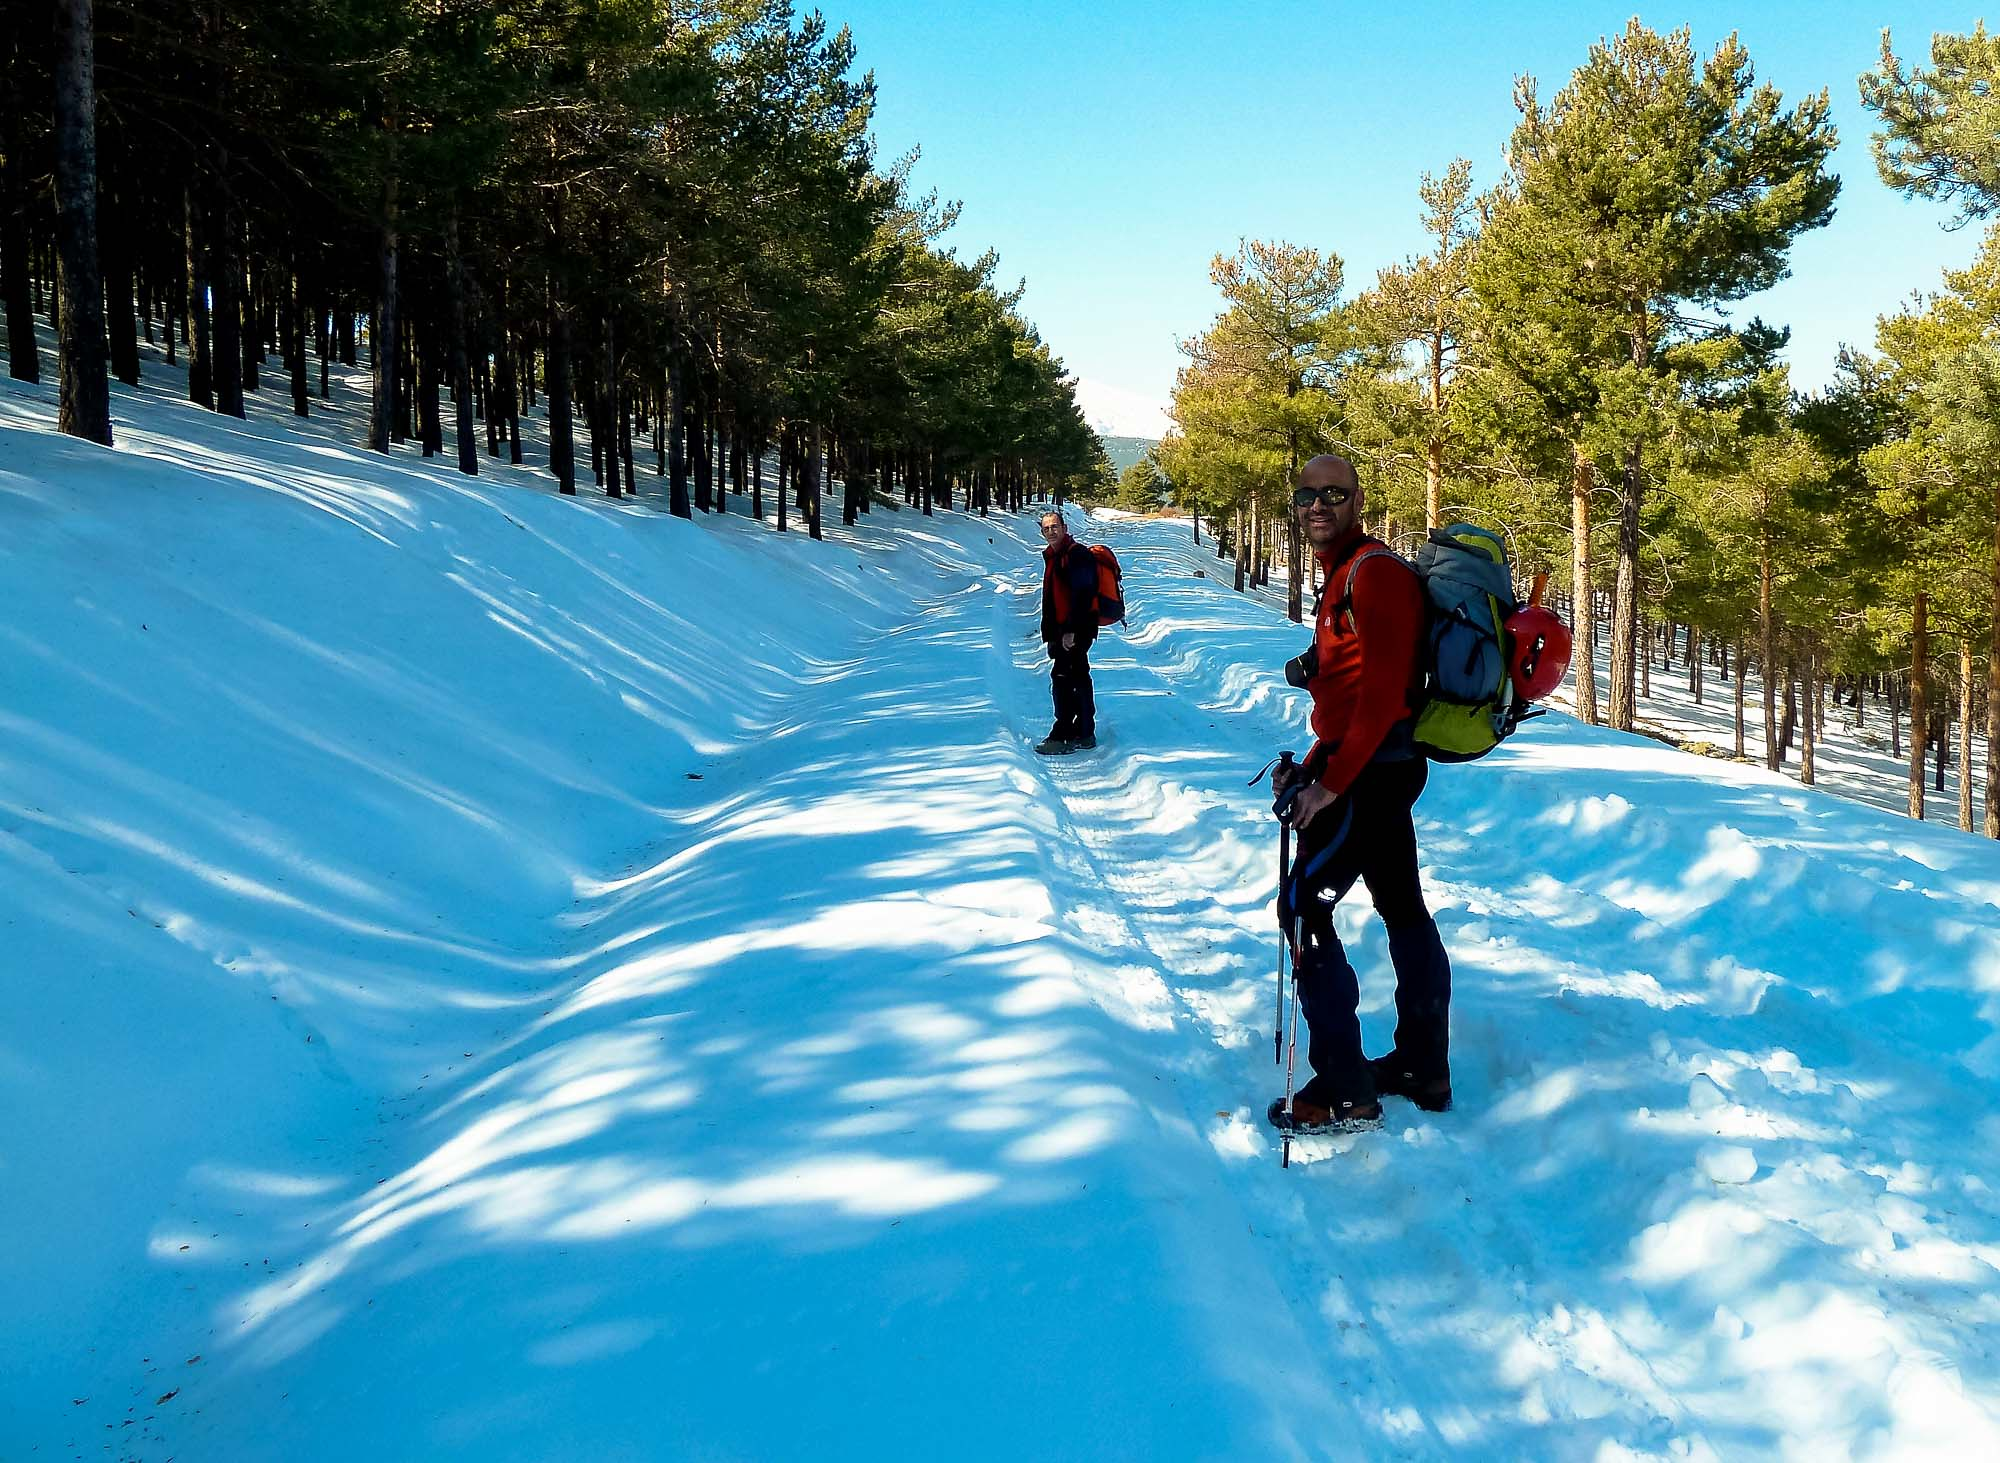 Pista forestal con mucha nieve